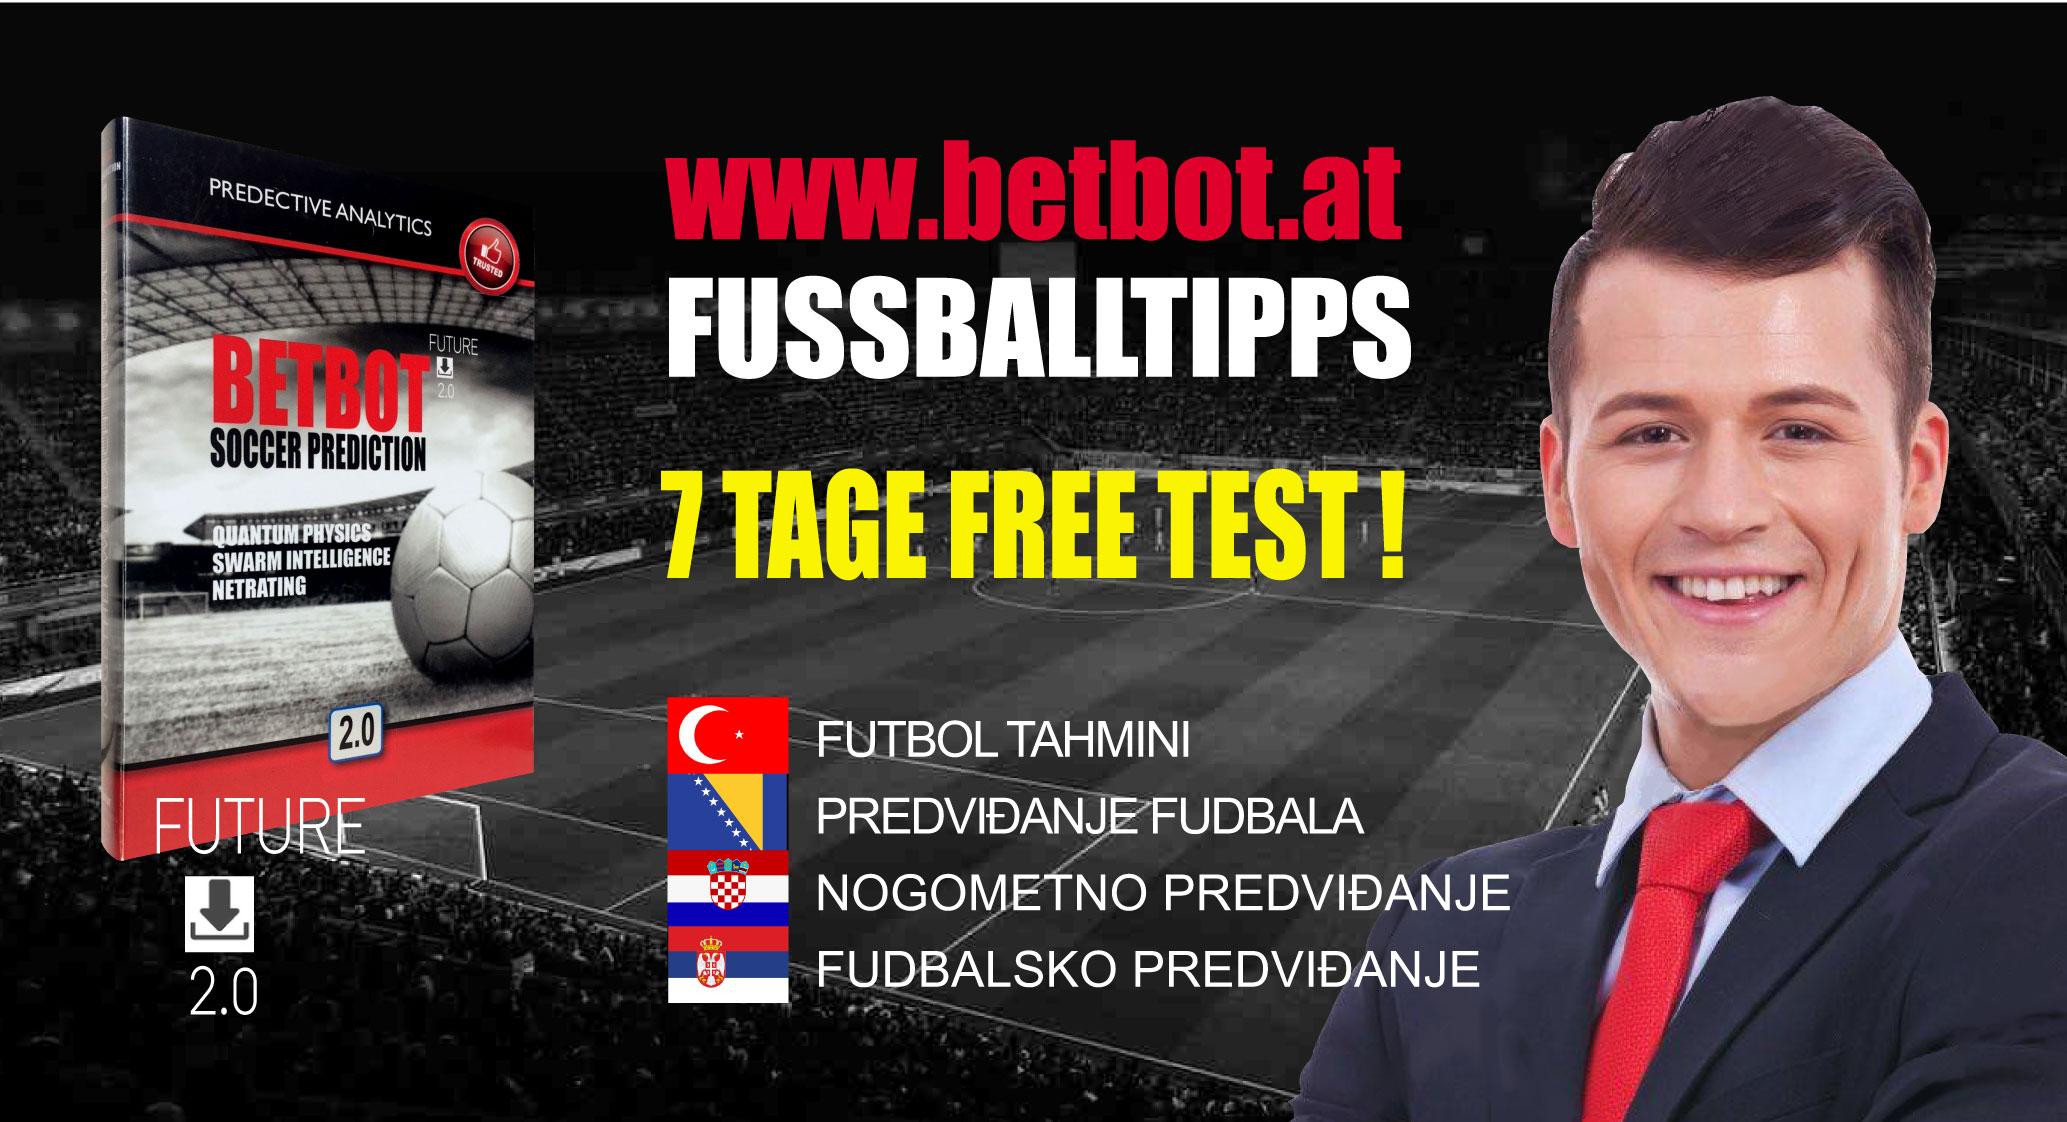 BETBOT Fussballtipps Prognose